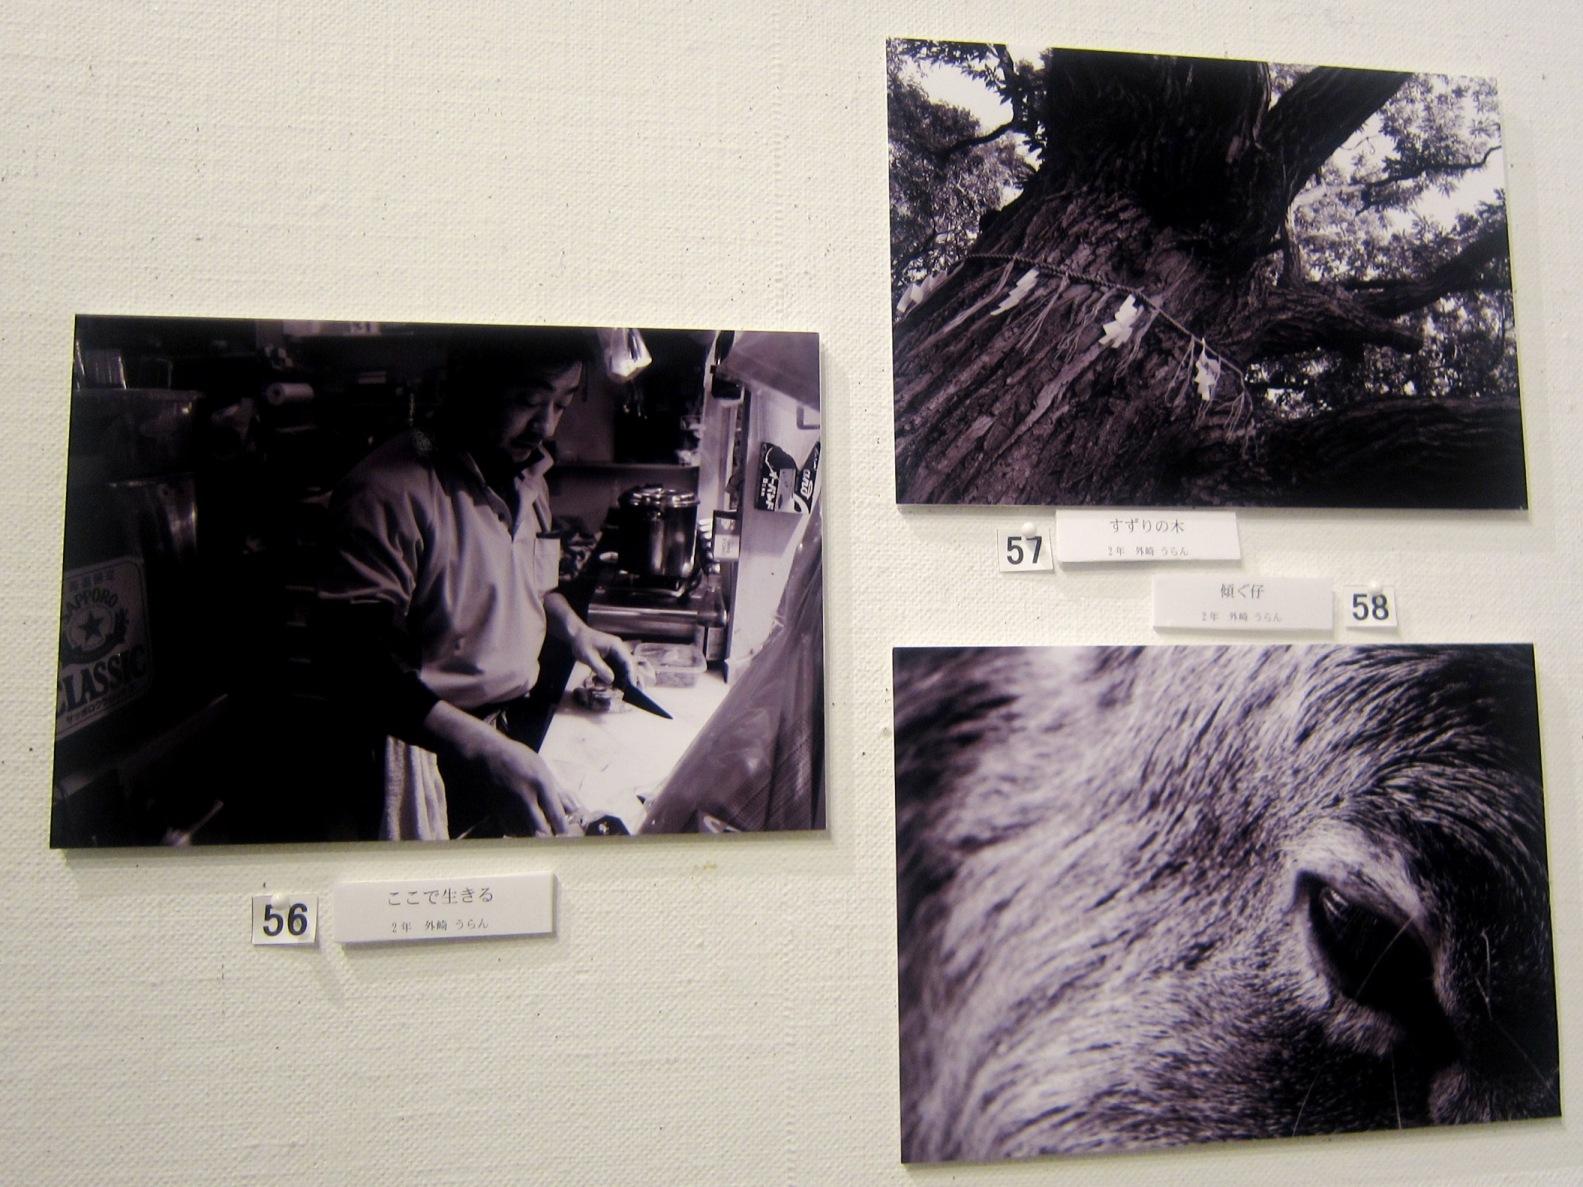 1943)①「札幌大学写真部 卒業写真展 & 学外写真展」 市民g. 終了2月20日(水)~2月24日(日)  _f0126829_2151452.jpg